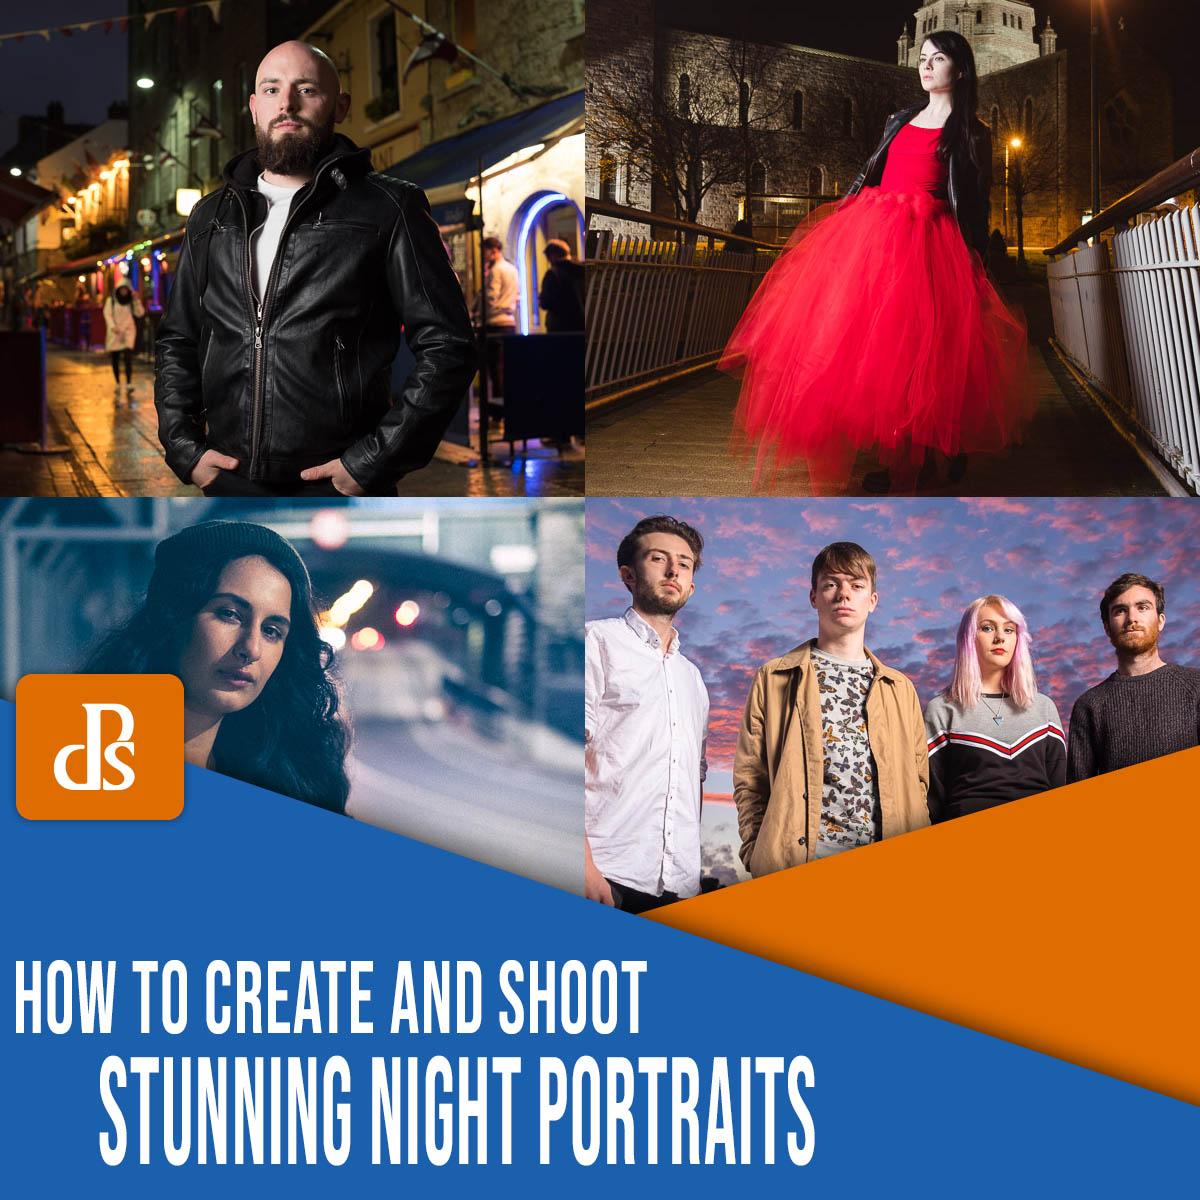 como criar e fotografar retratos noturnos